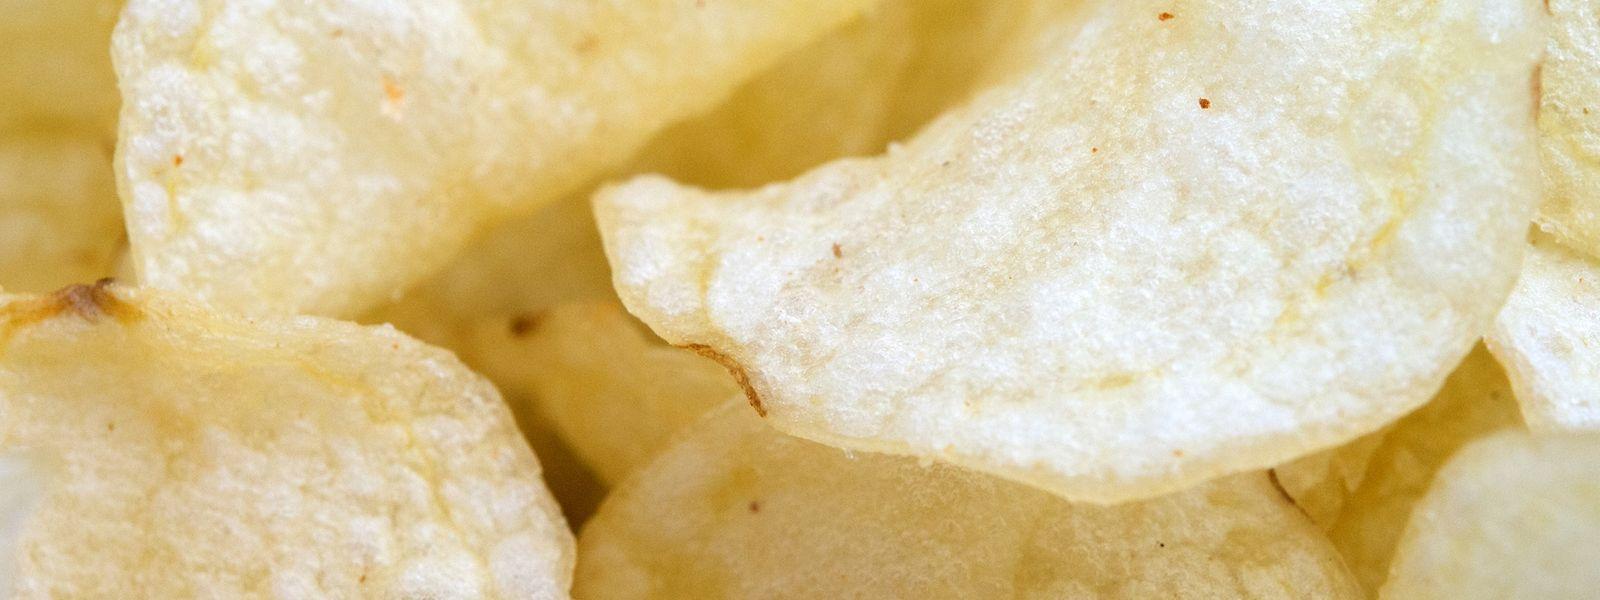 Typische WM-Snacks wie Chips sind nicht gerade gesund.